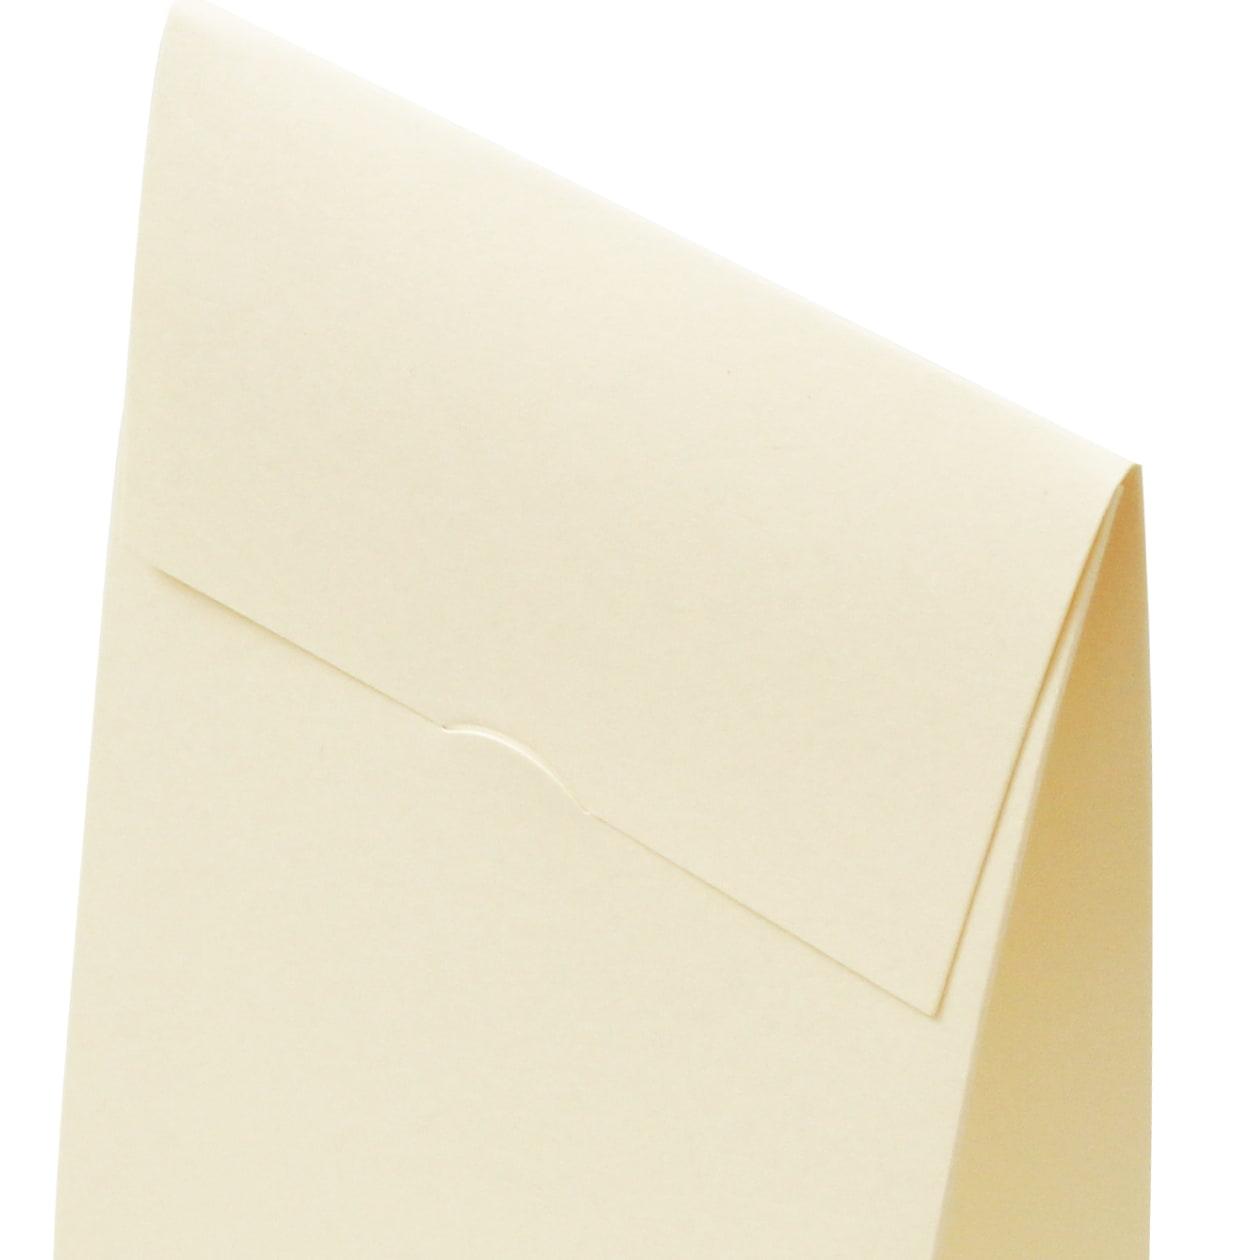 角底箱ロック式120×180×50 窓付 コットン ナチュラル 232.8g